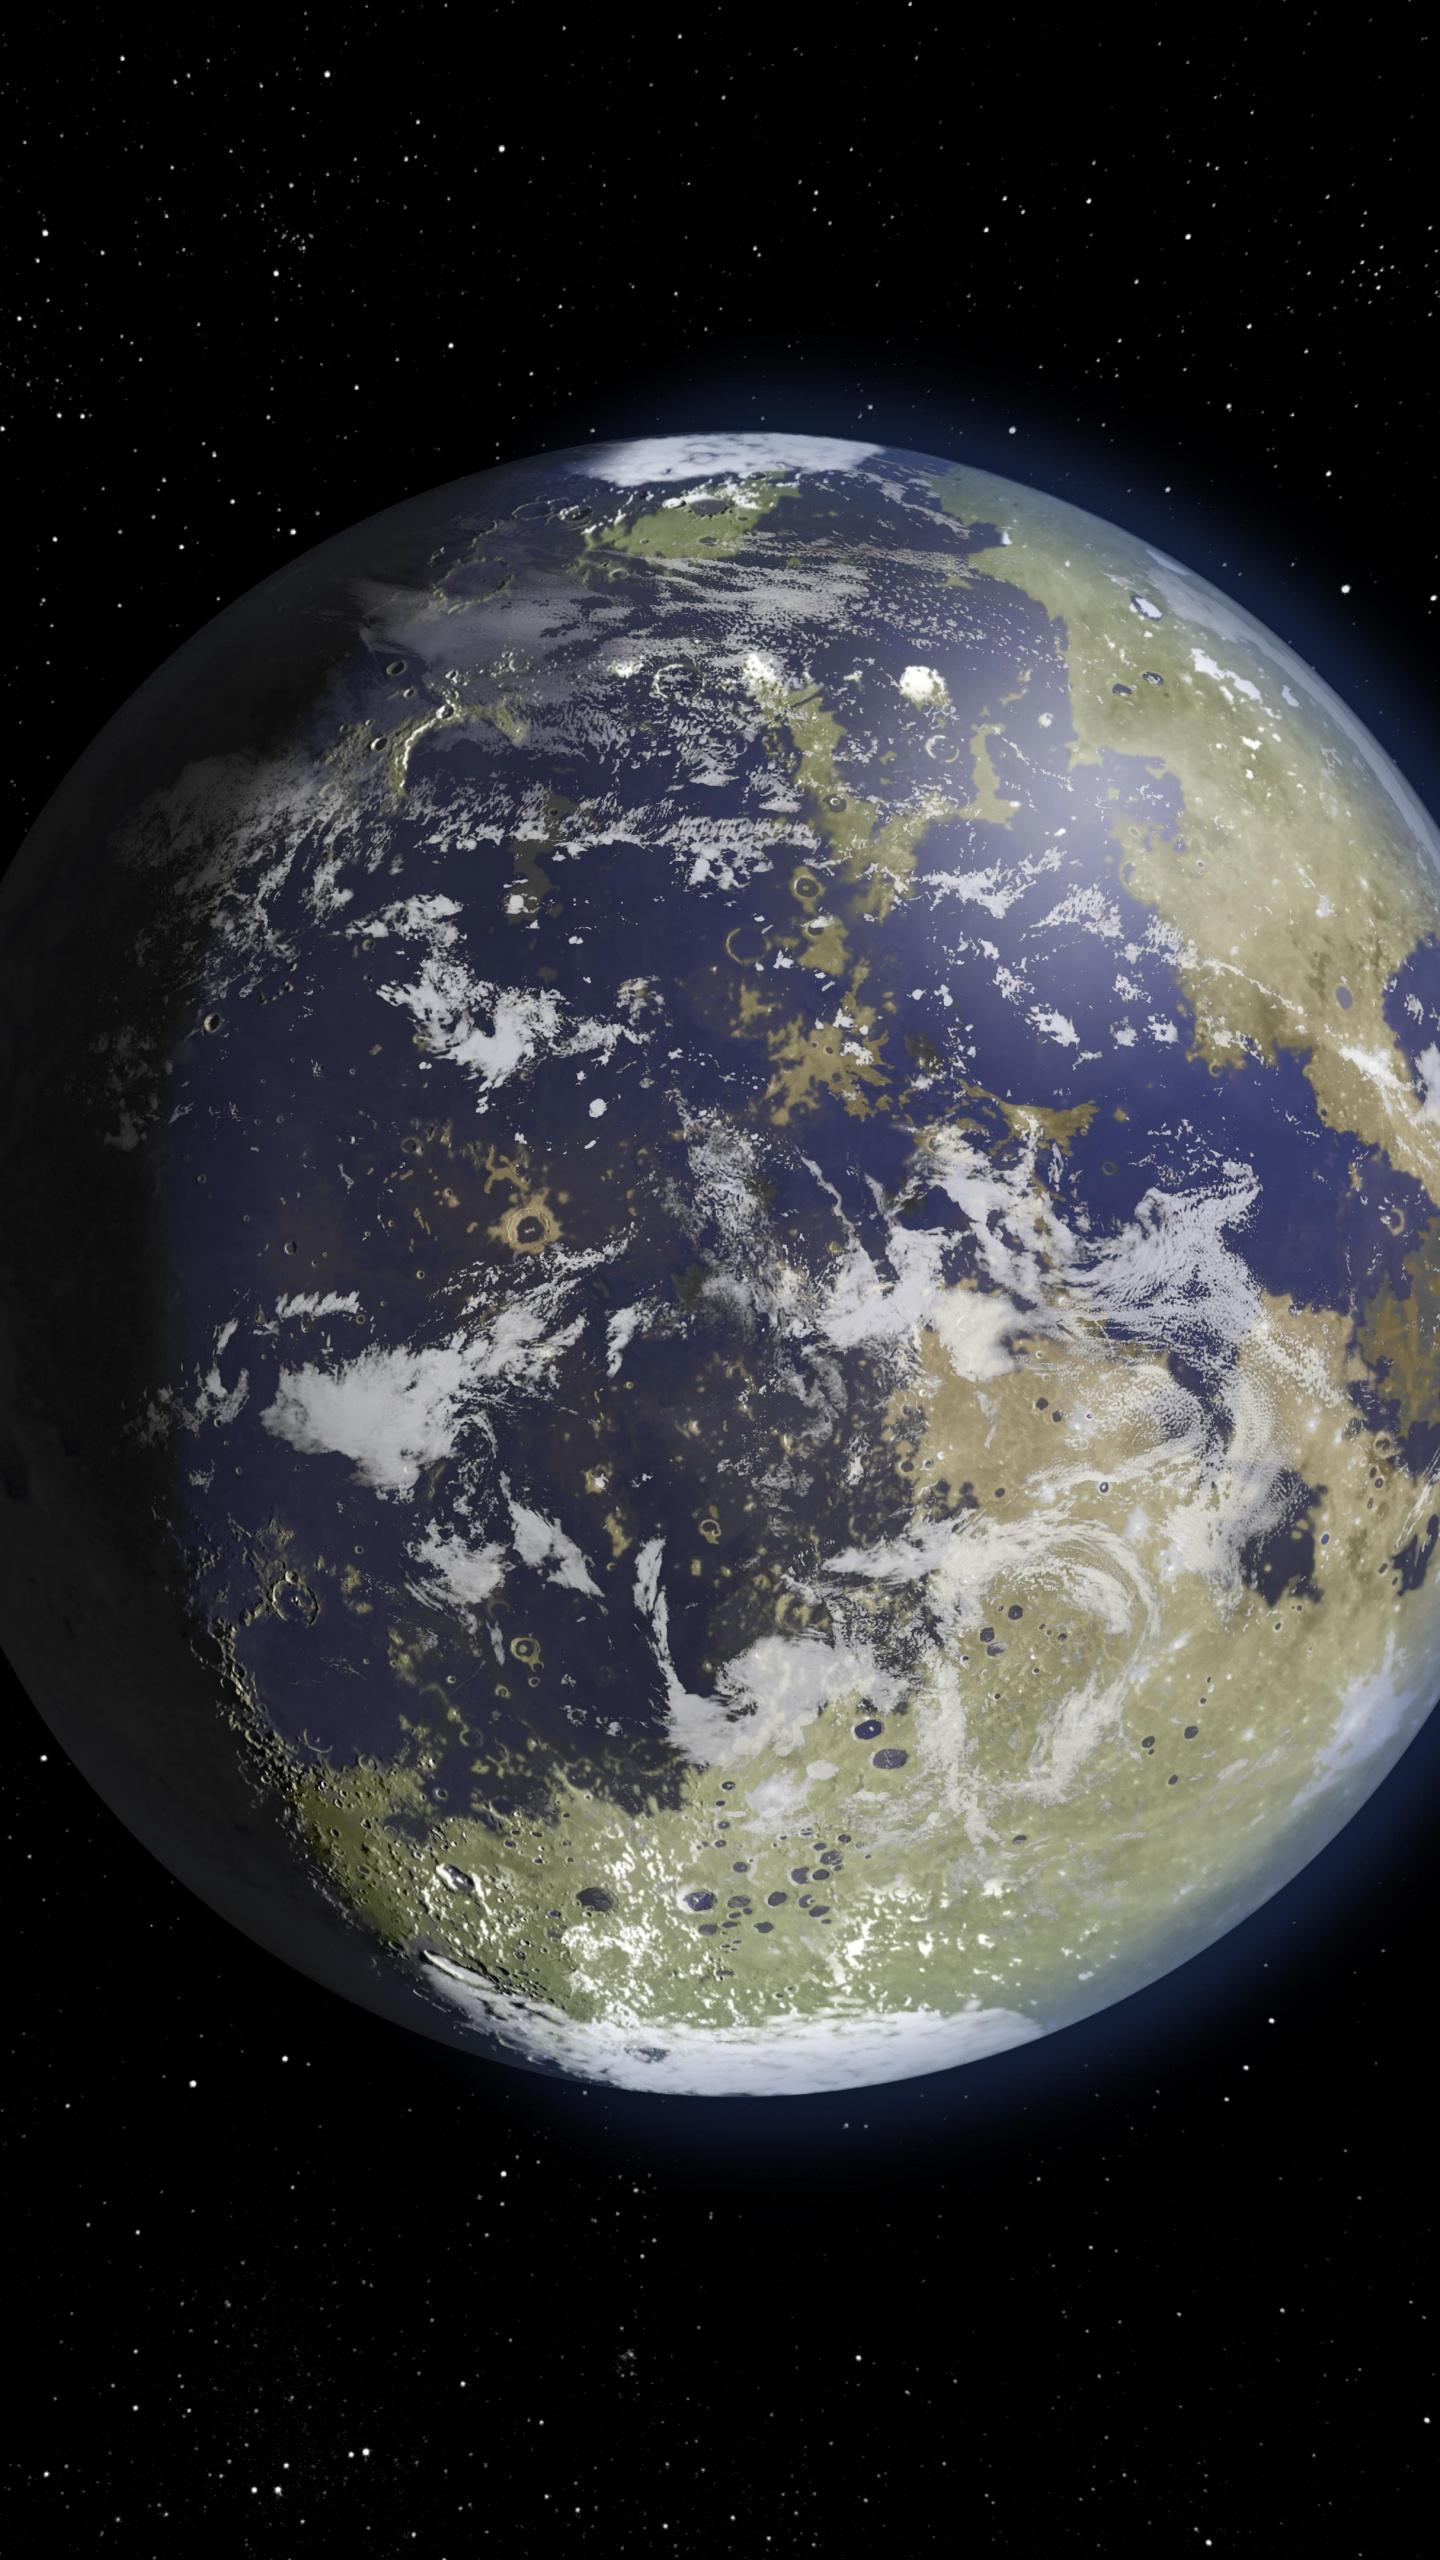 Moon 4k Wallpaper Earth Atmosphere 8k Space 81